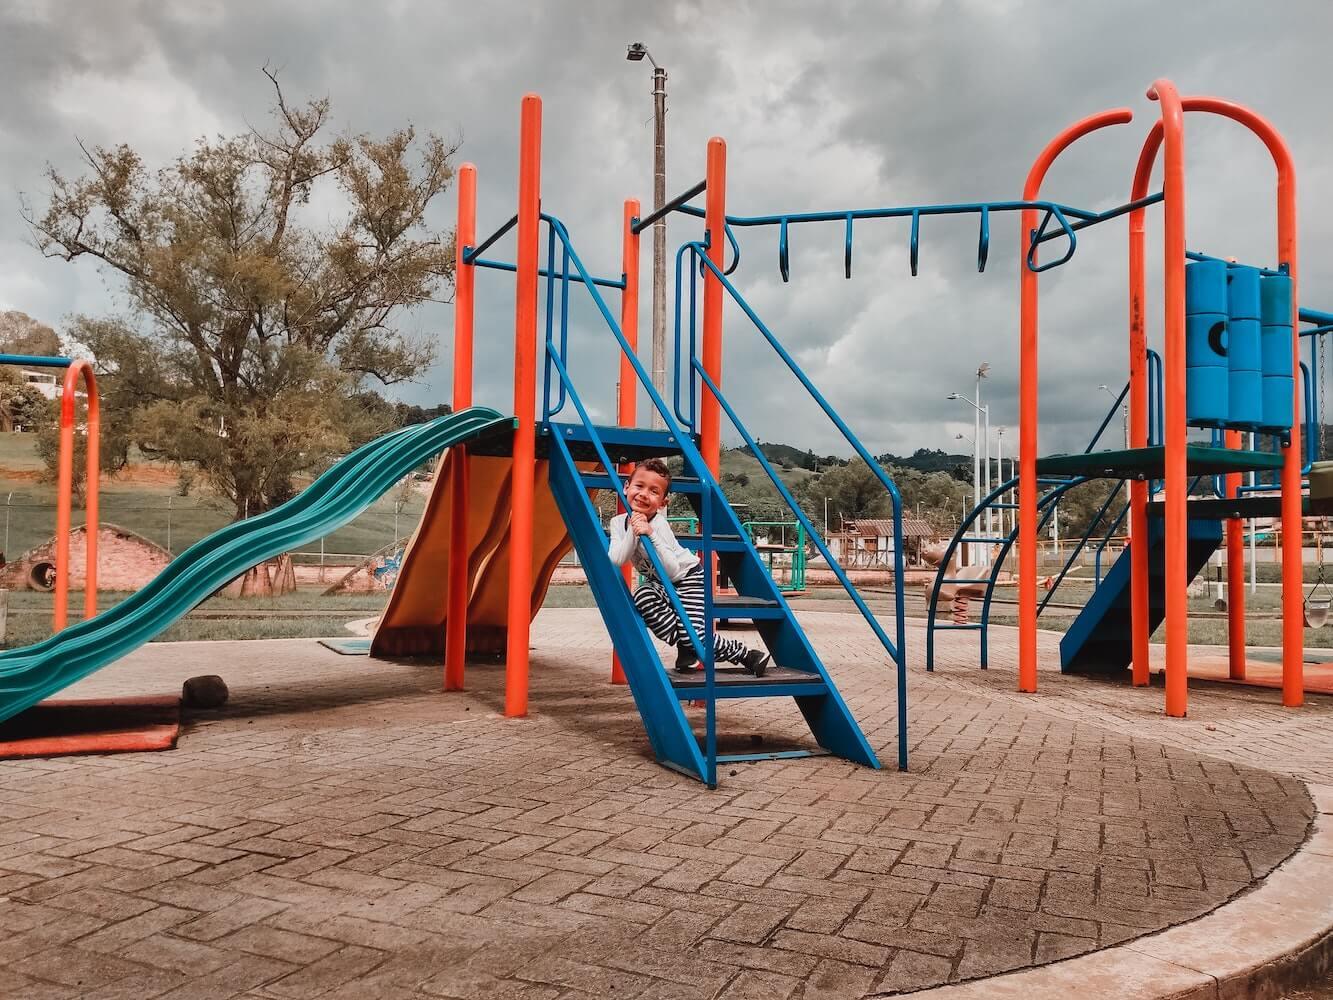 Jak zaksięgować kupno placu zabaw w szkole?